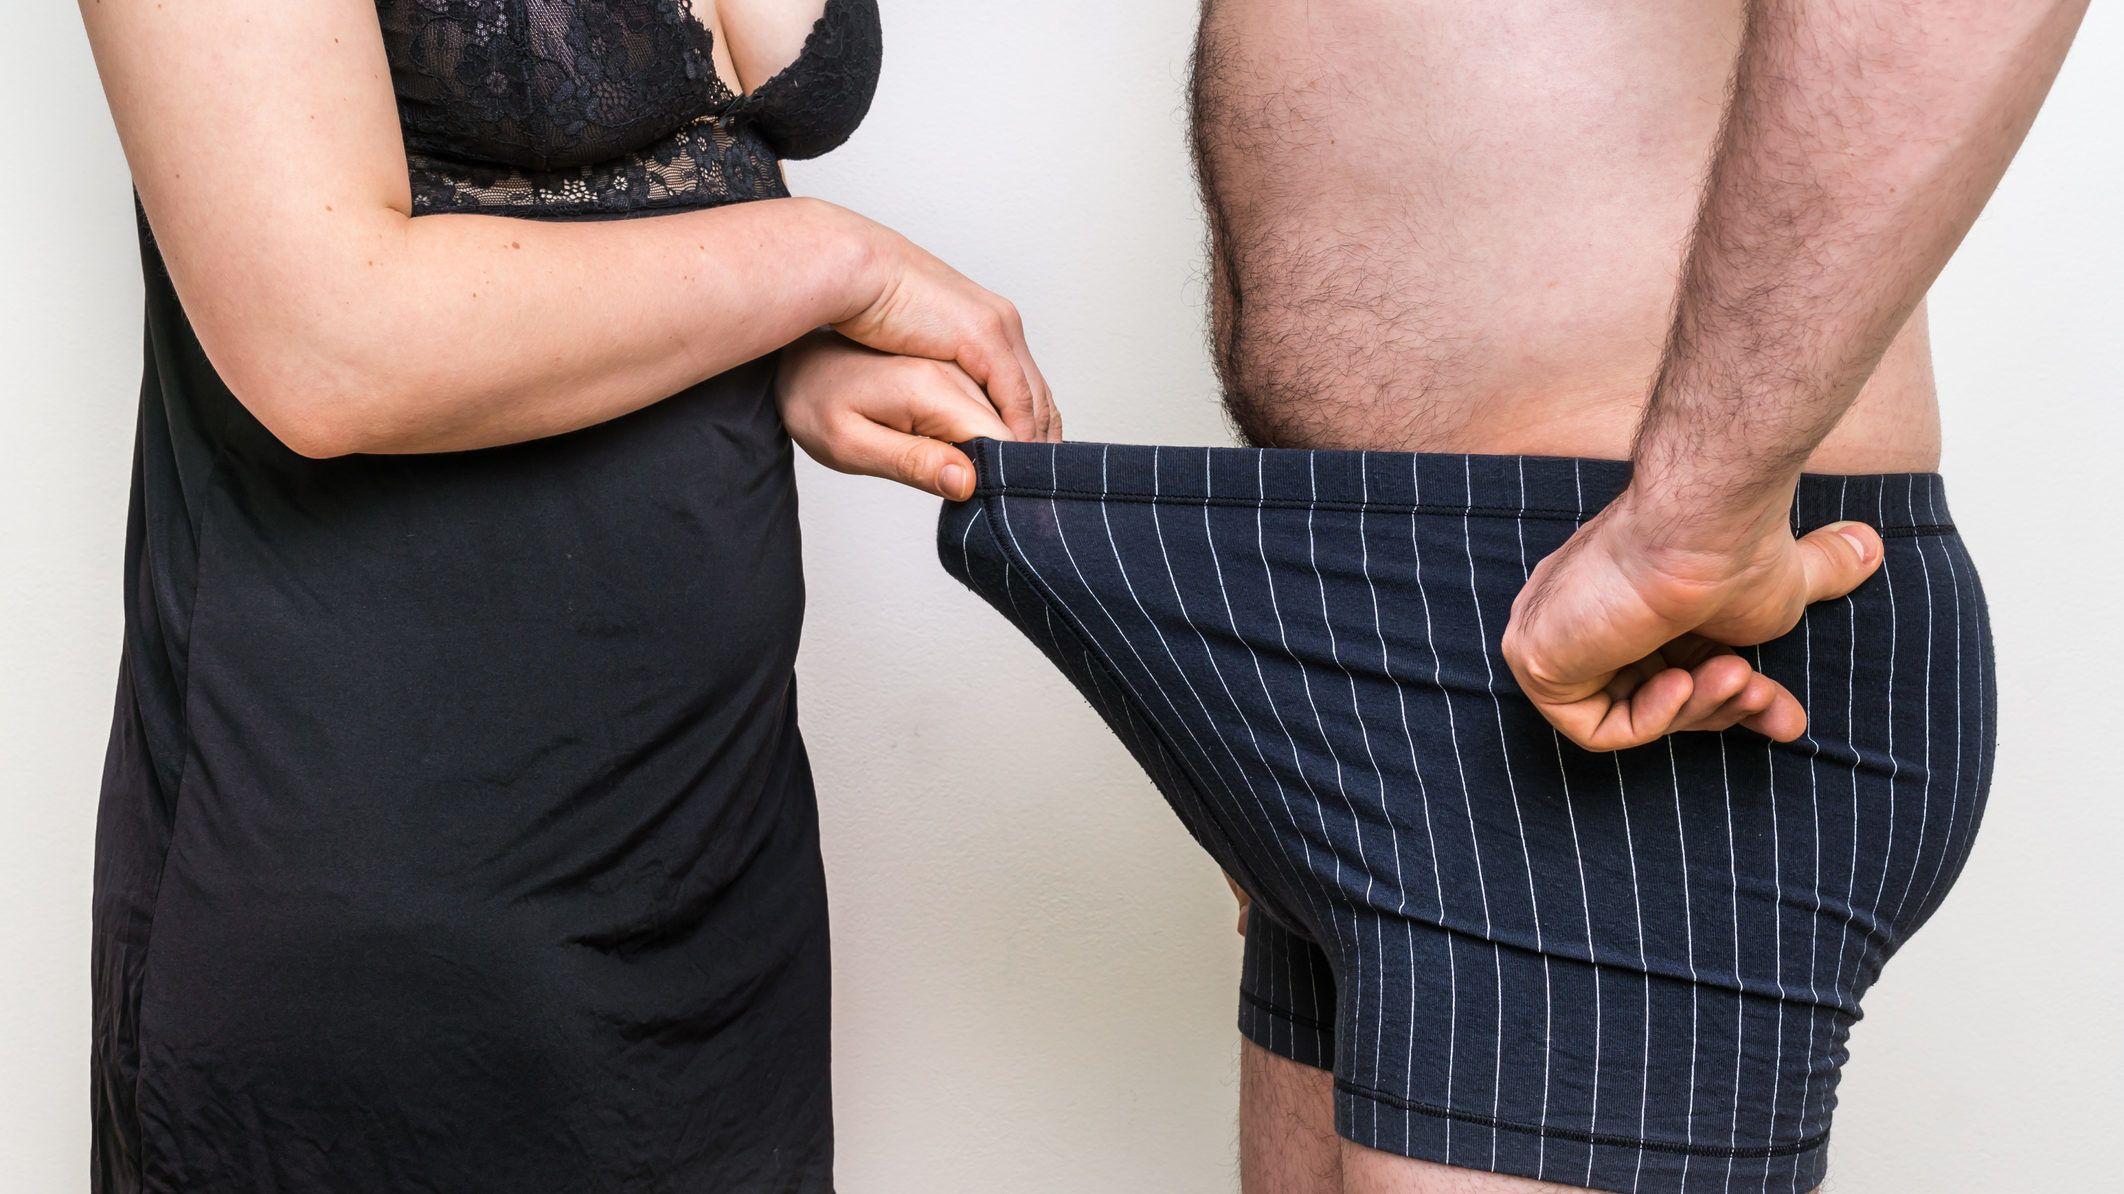 Az átlagos péniszméretet évtizedek óta kutatják - Dívány